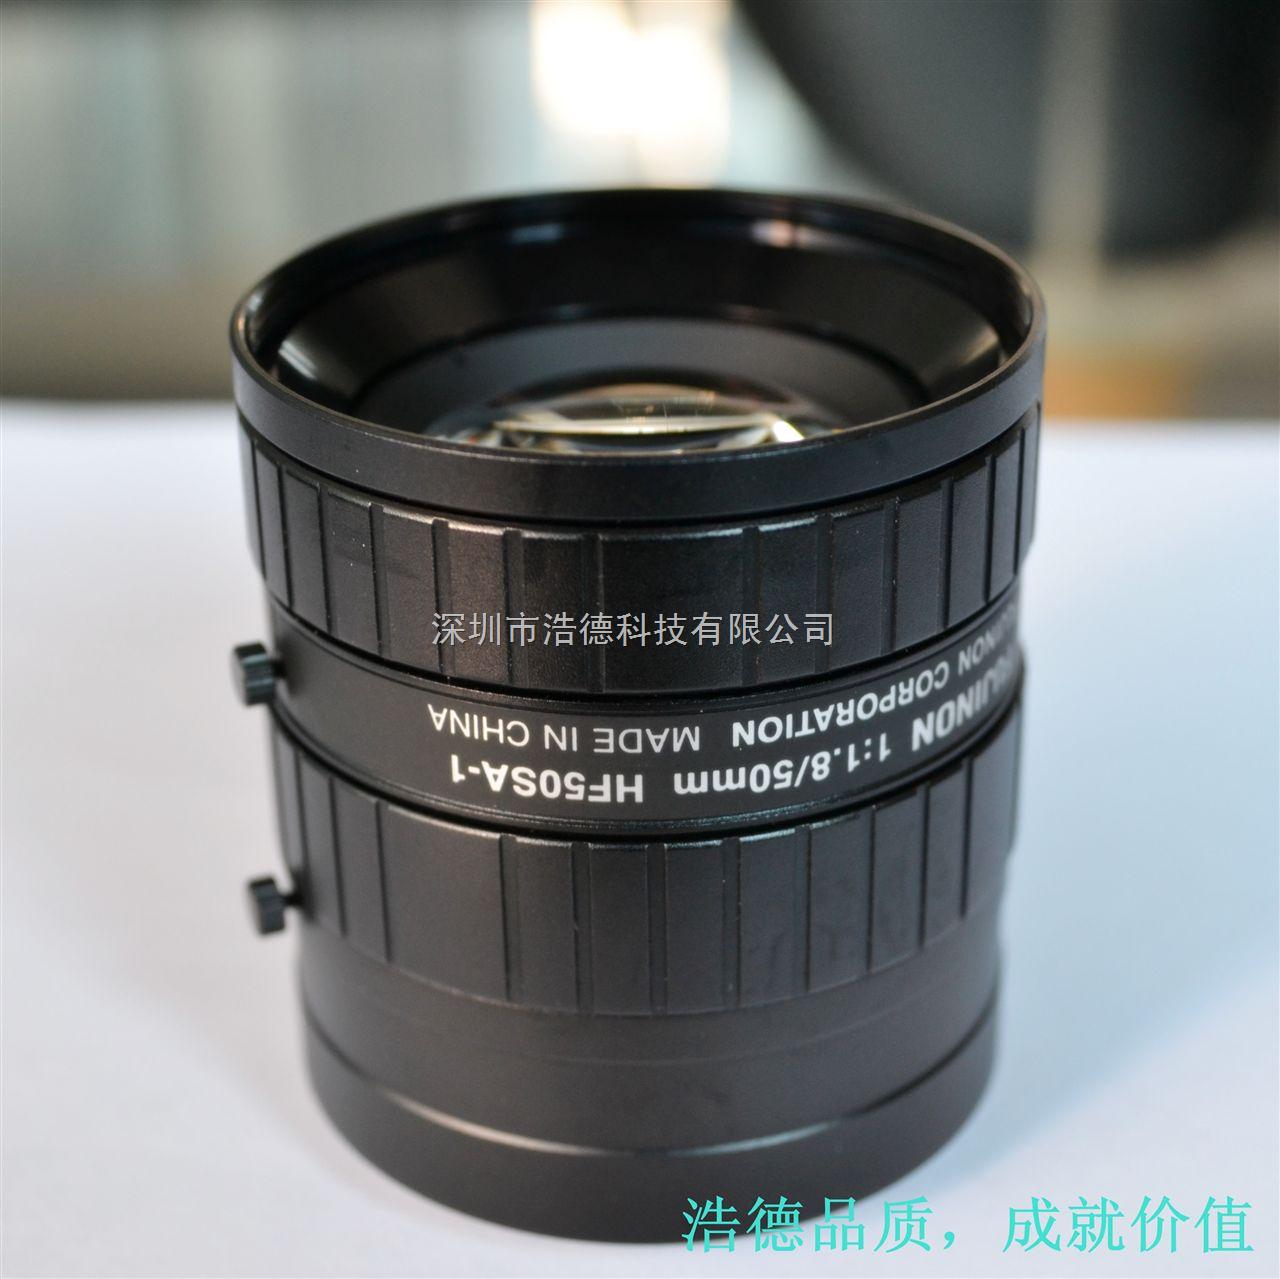 HF50SA-1,富士能镜头